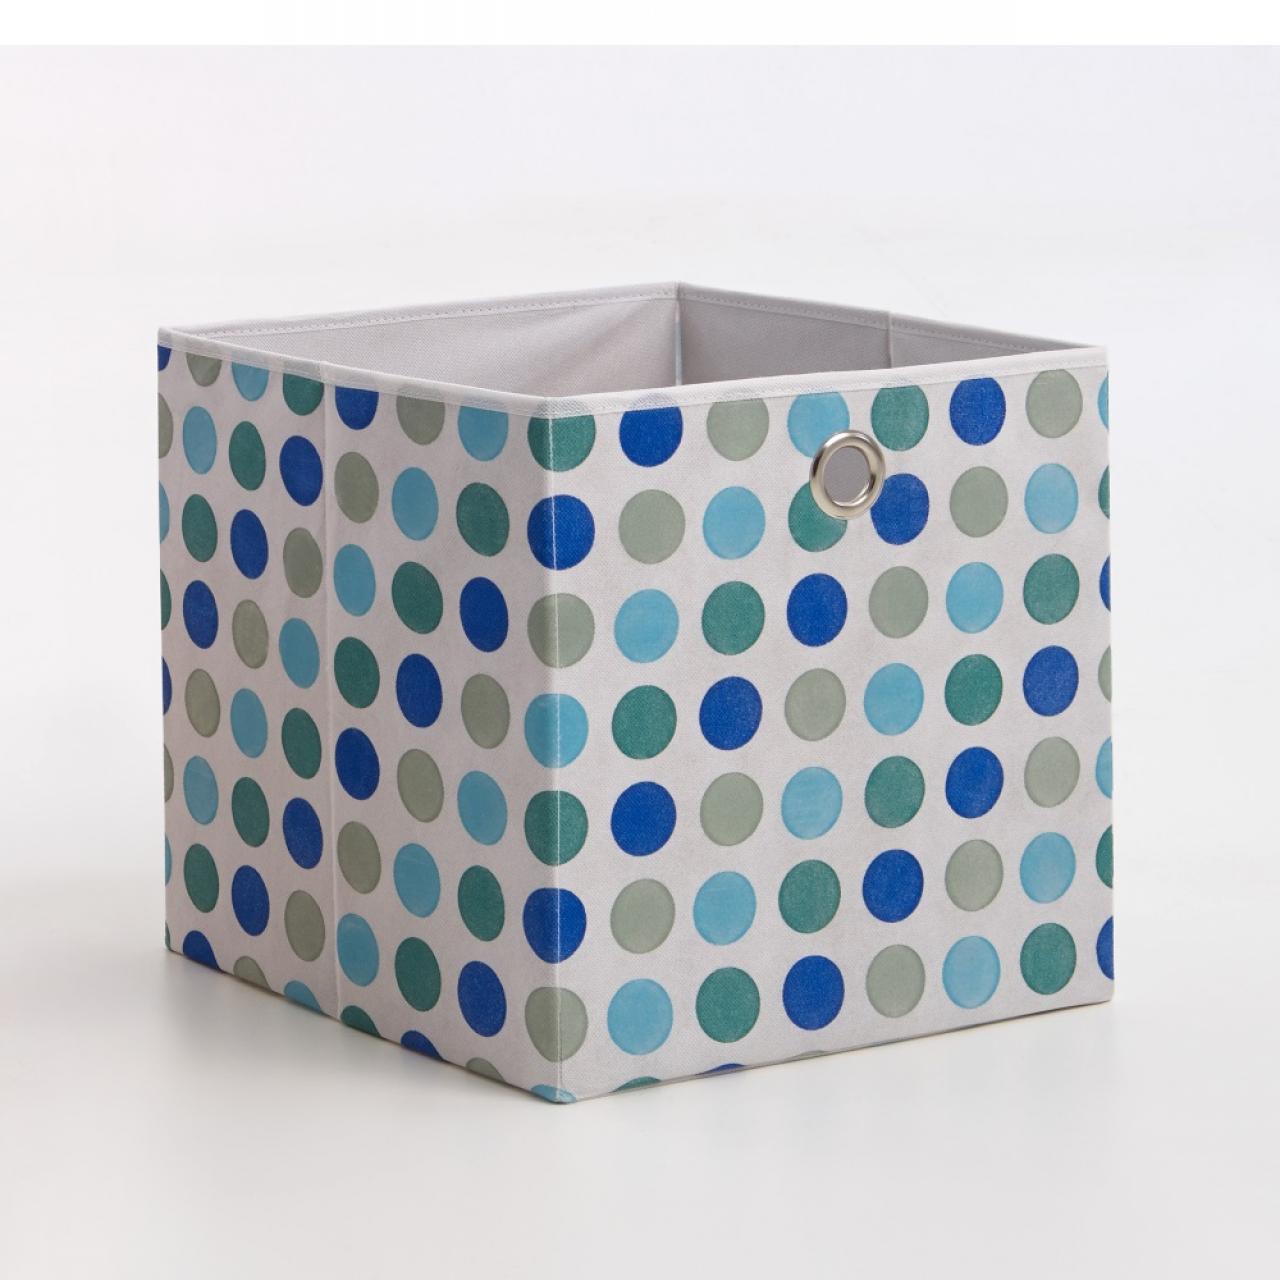 Faltbox Mega 3 gepunktet blau